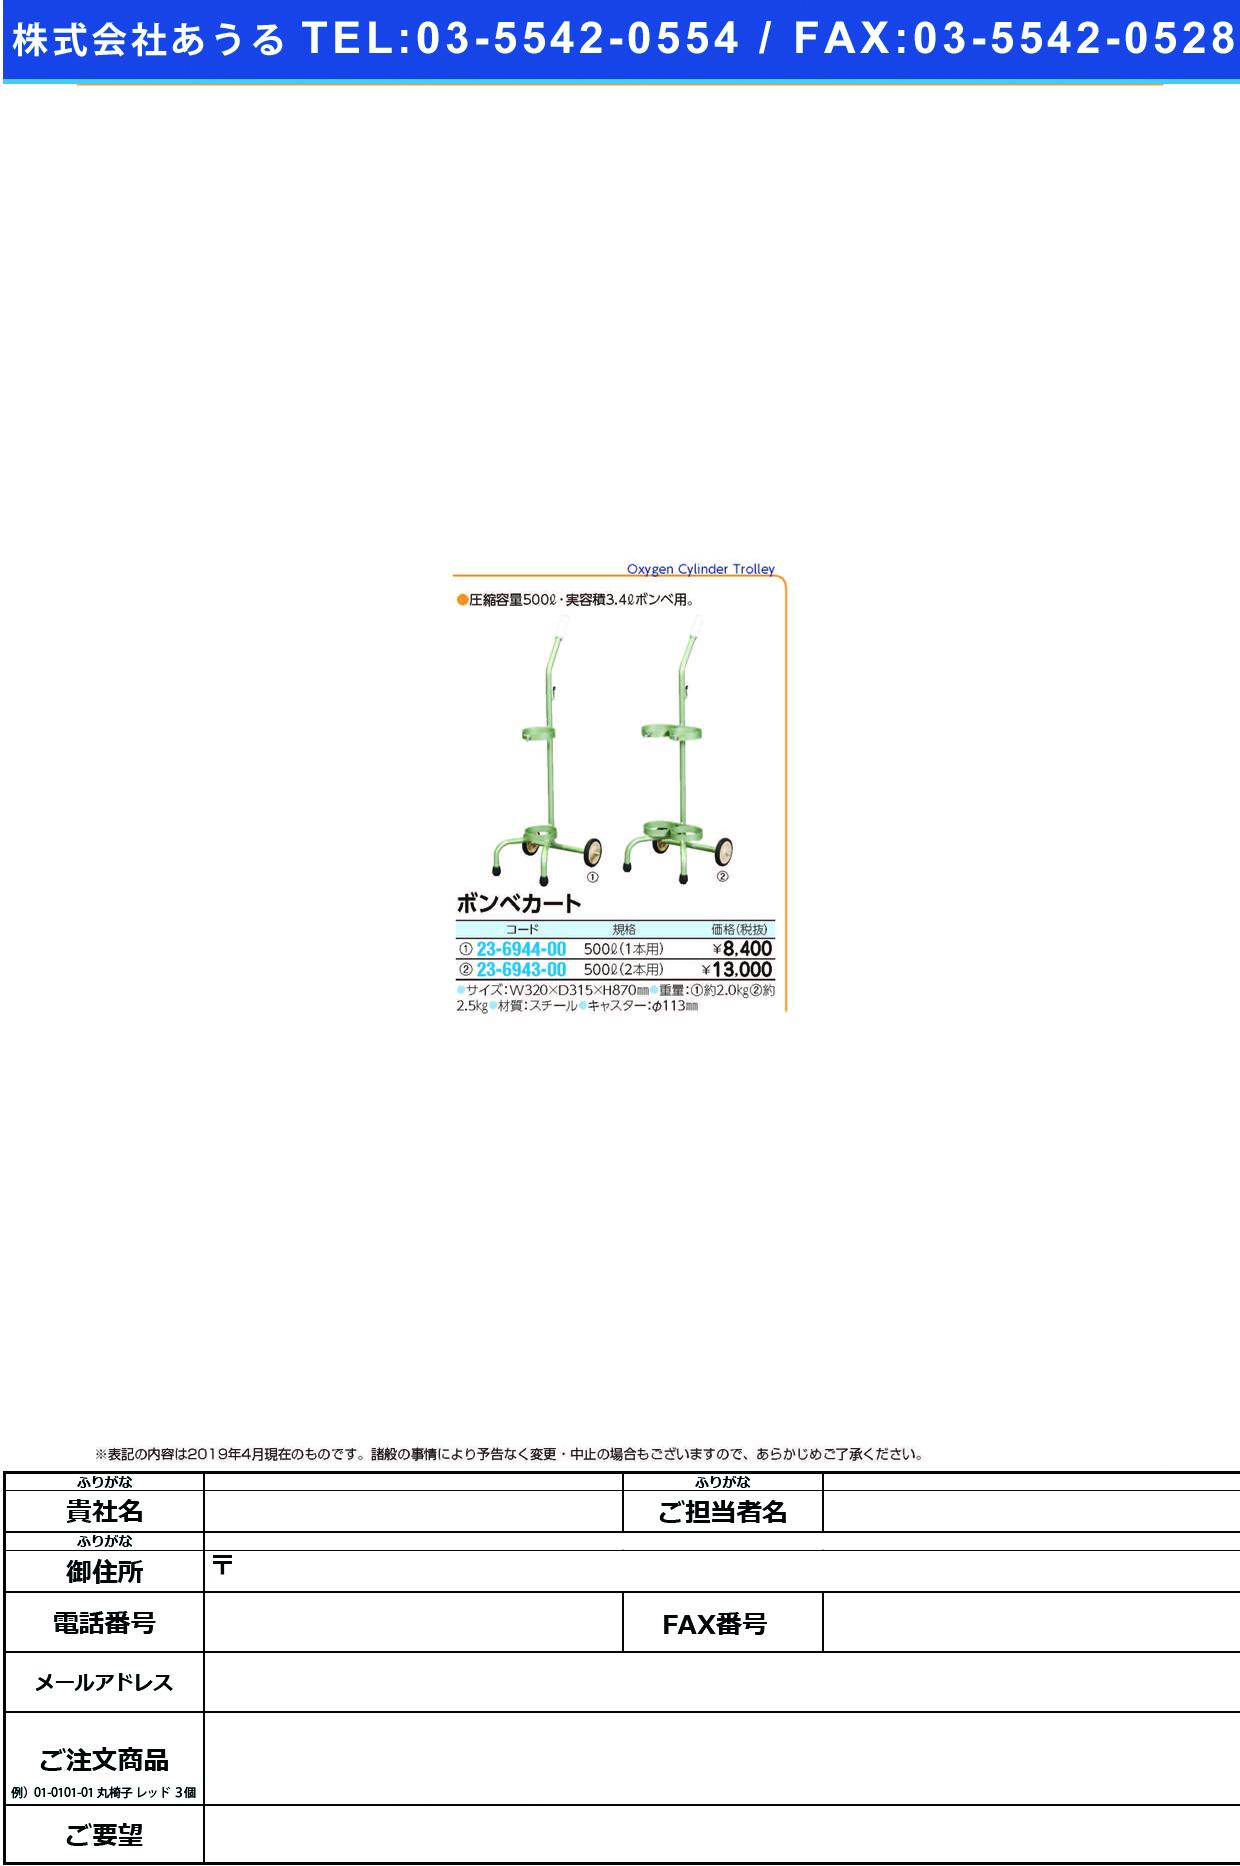 (23-6943-00)ボンベカート(500L・2本用) KBC5-2 ボンベカート(500L2ホンヨウ)【1台単位】【2019年カタログ商品】